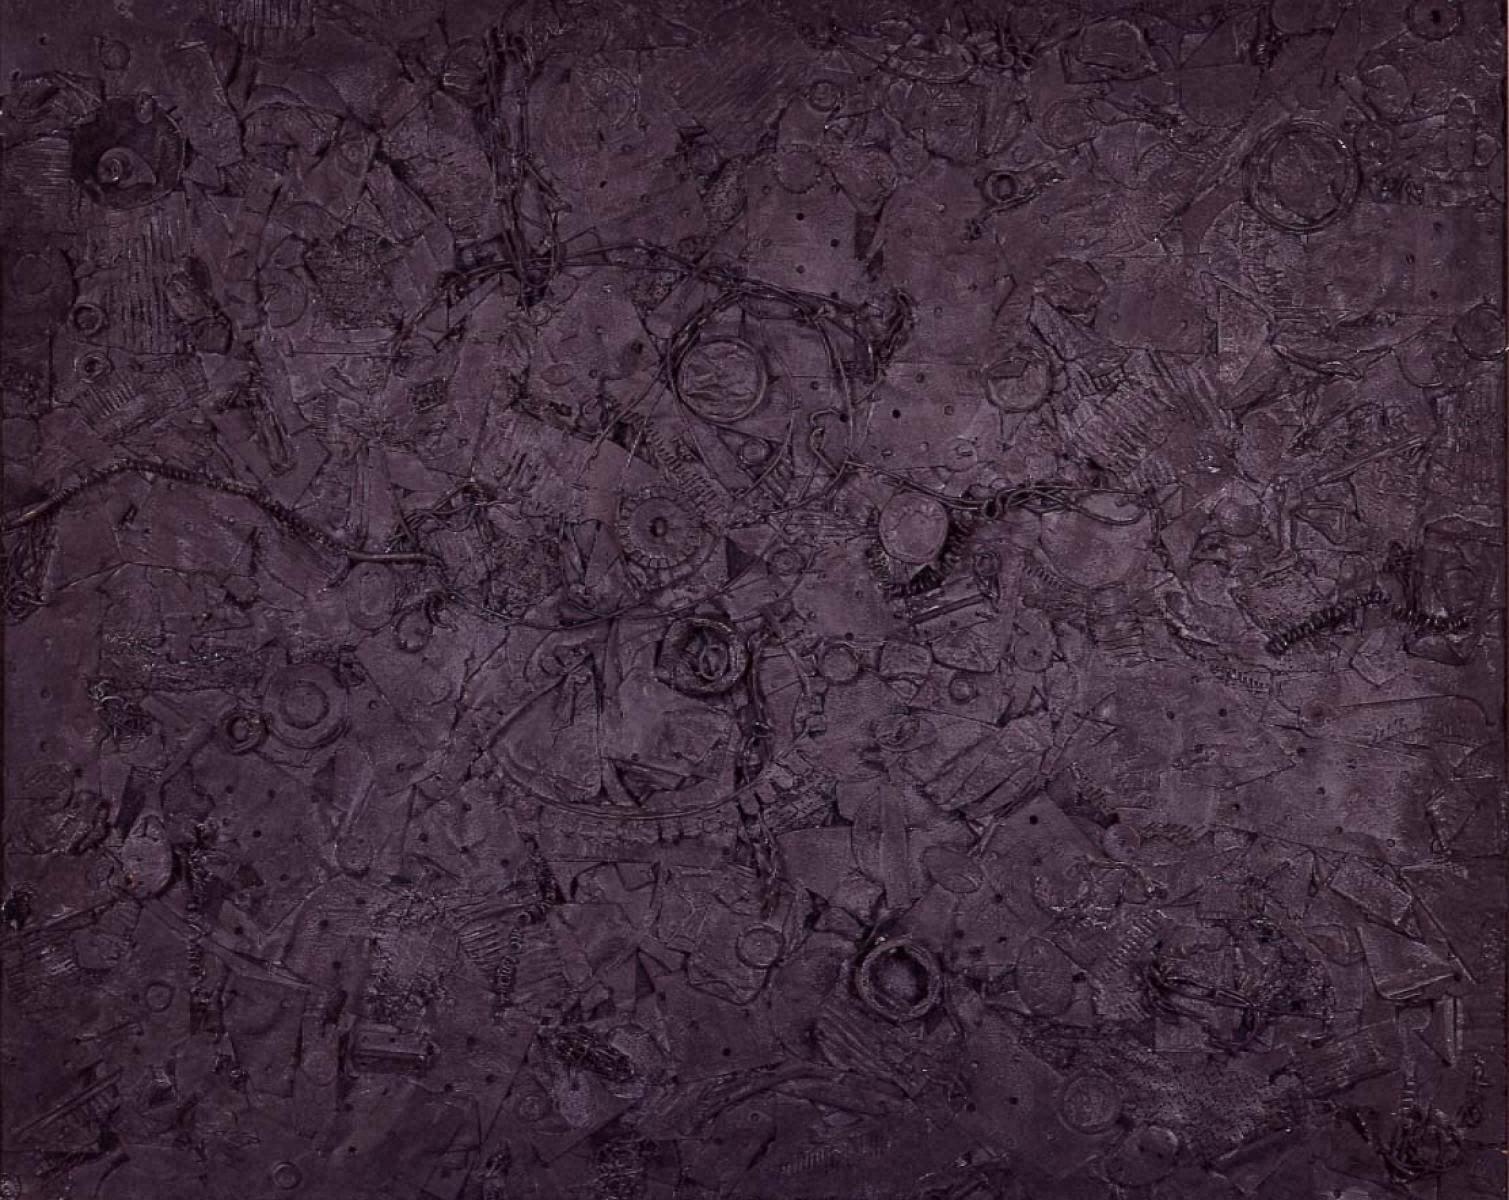 黒の惑星17-1-7